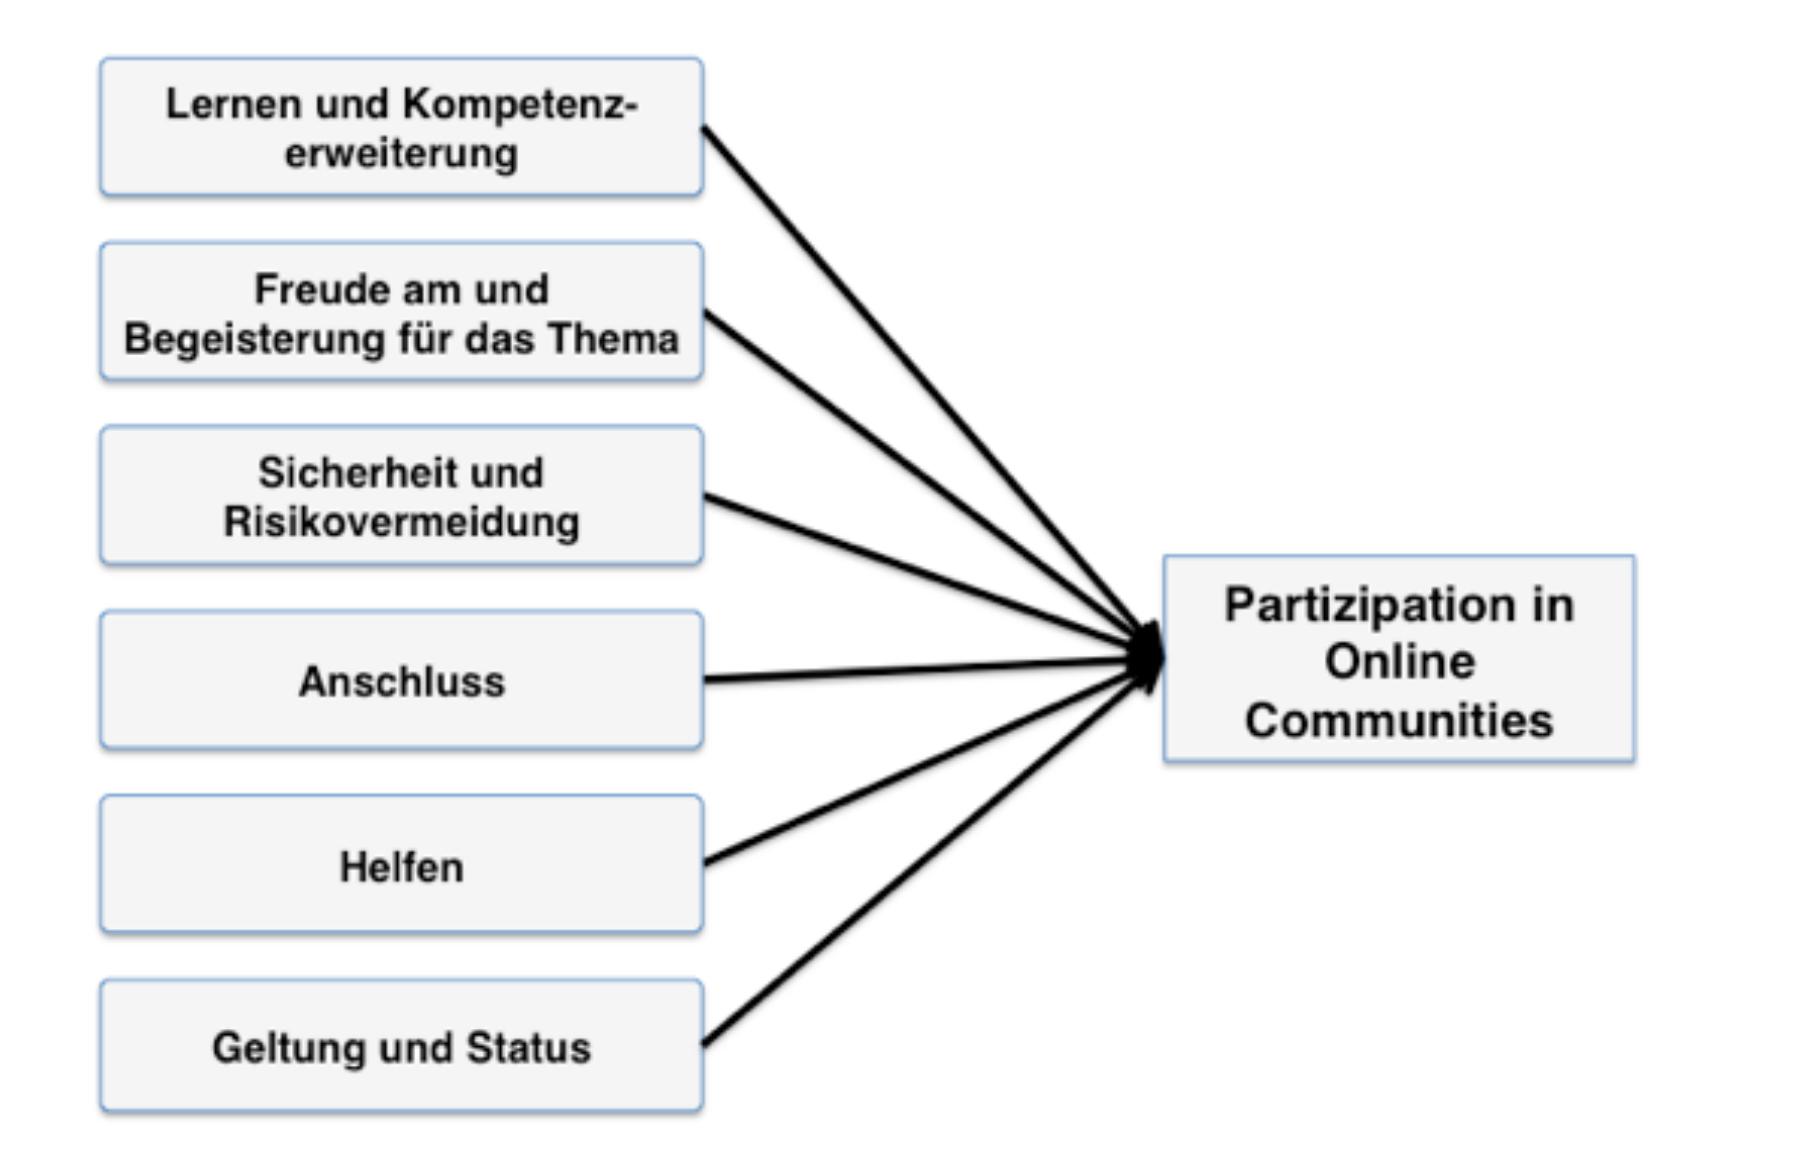 6-intrinsische-Motivationen-zur-Partizipation-in-Online-Communities